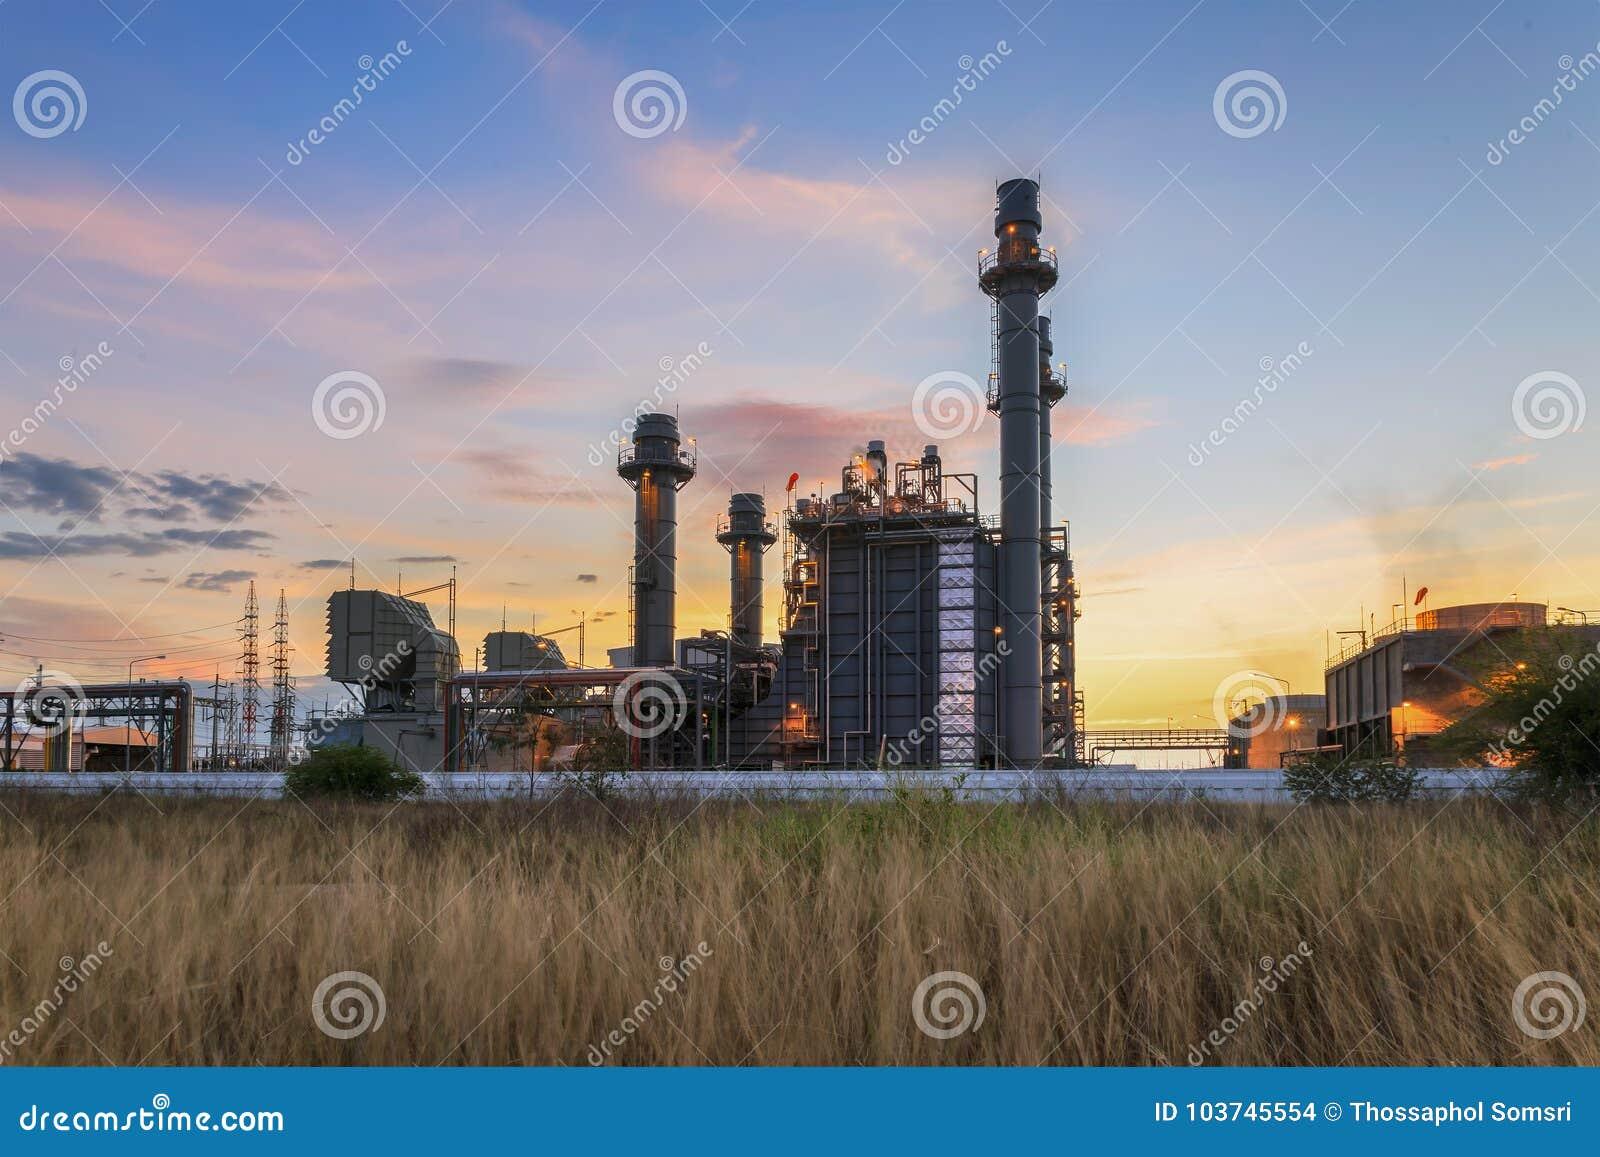 Εγκαταστάσεις ηλεκτρικής δύναμης στροβίλων αερίου στο σούρουπο με το μπλε ουρανό